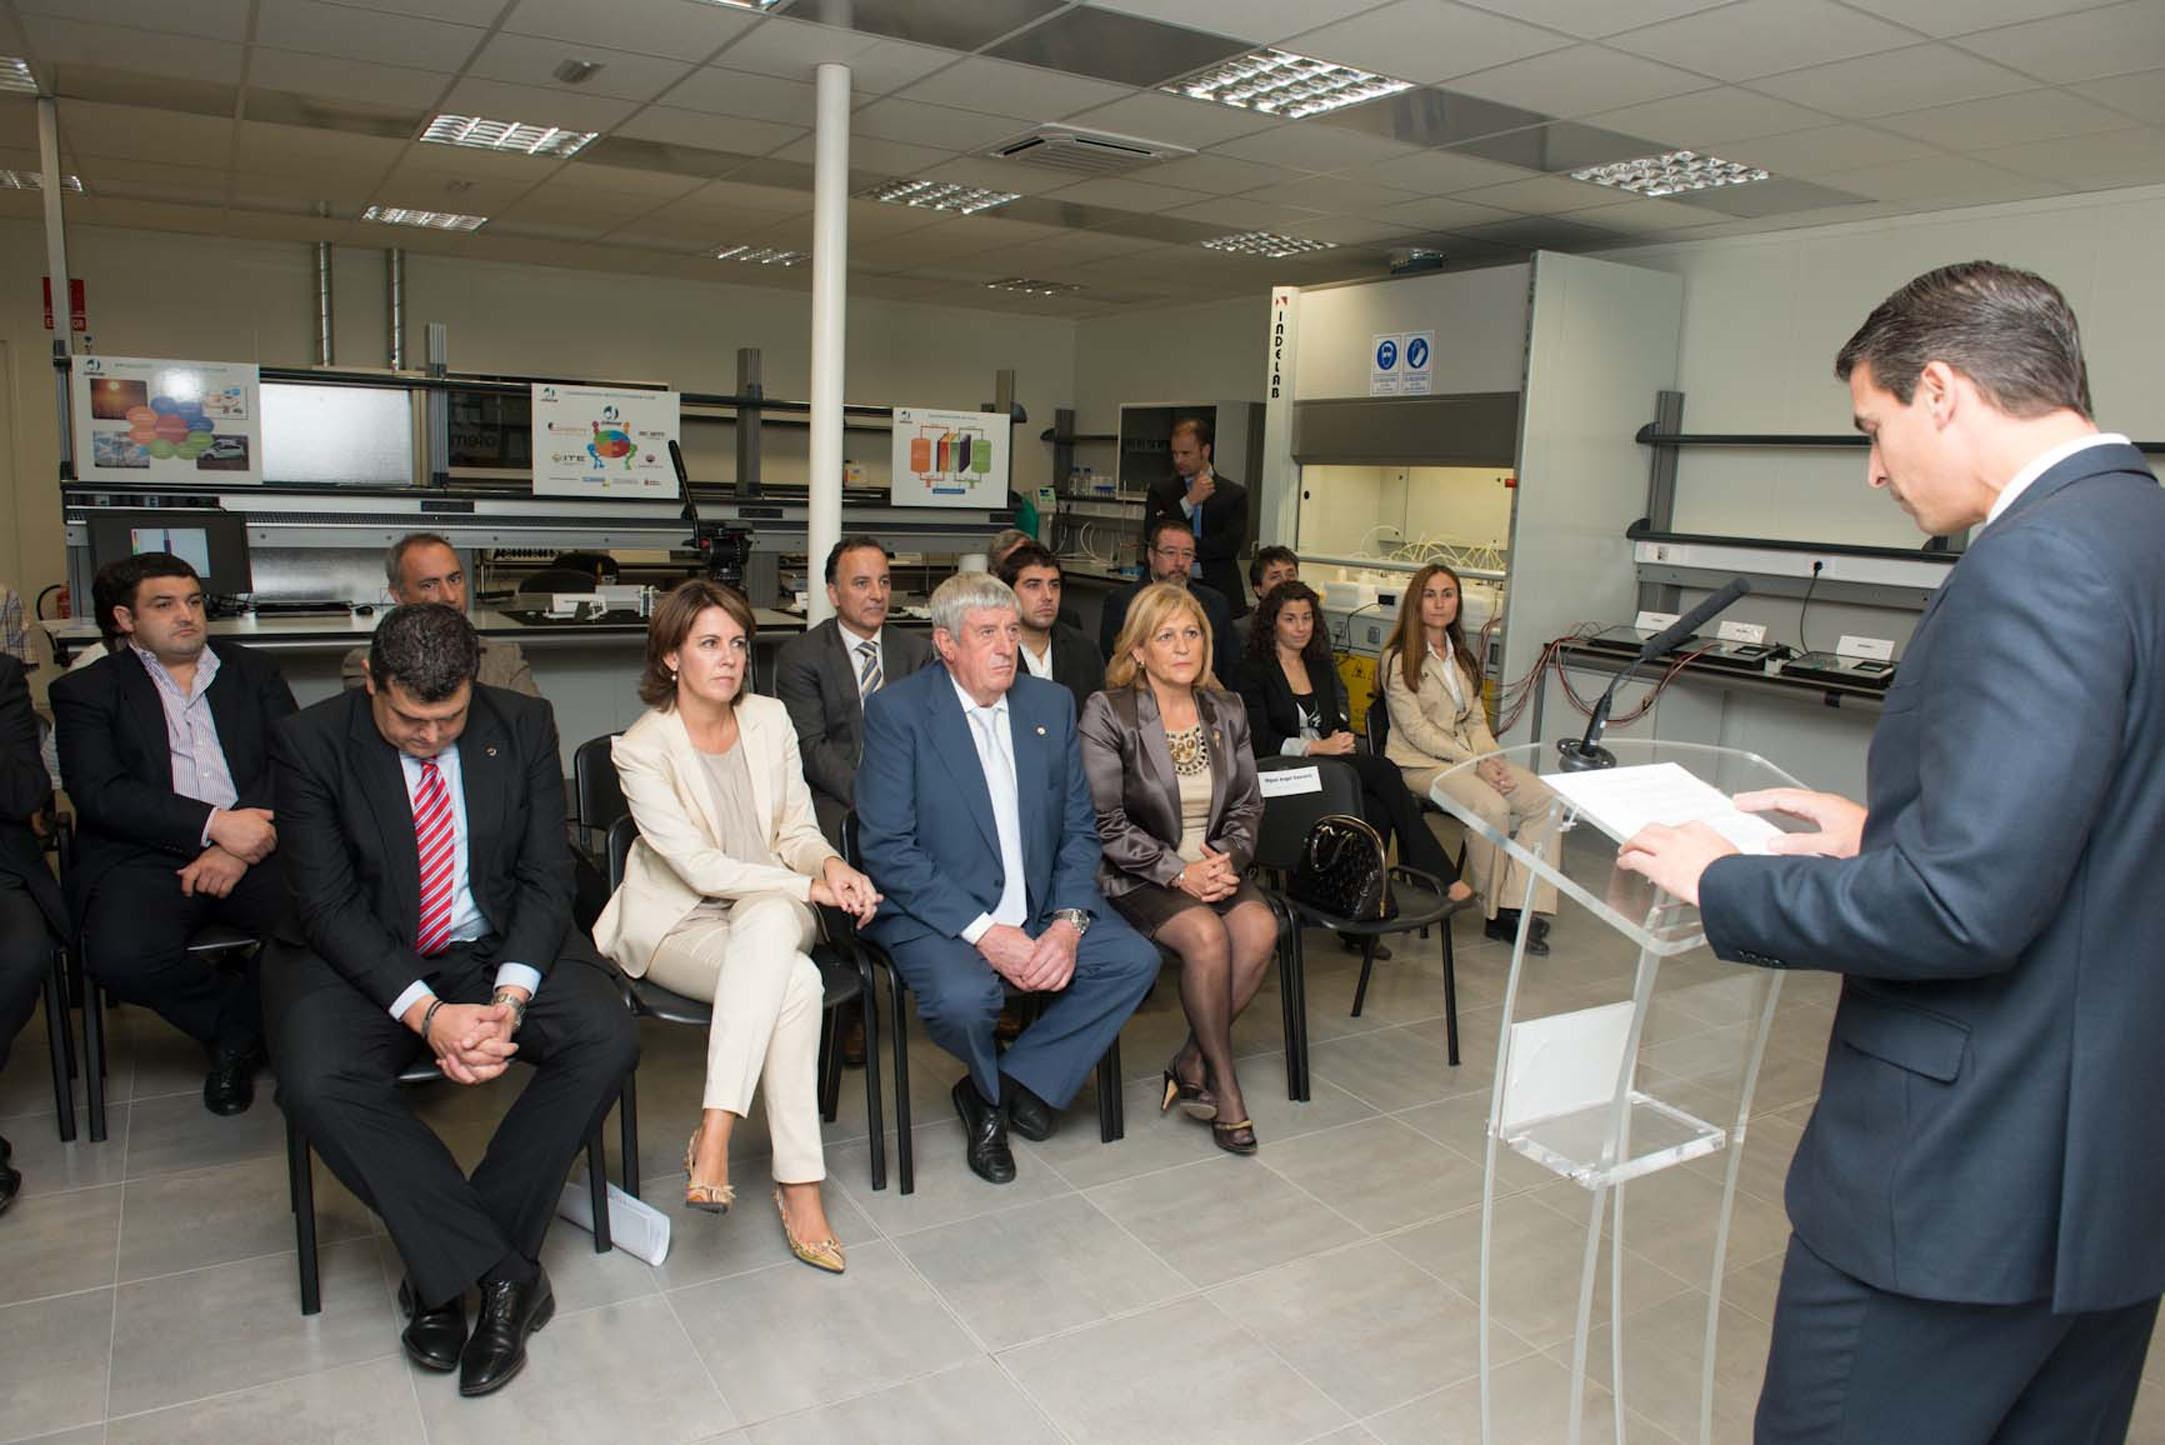 Baterías para el vehículo eléctrico: Barcina inaugura el laboratorio electroquímico de Jofemar